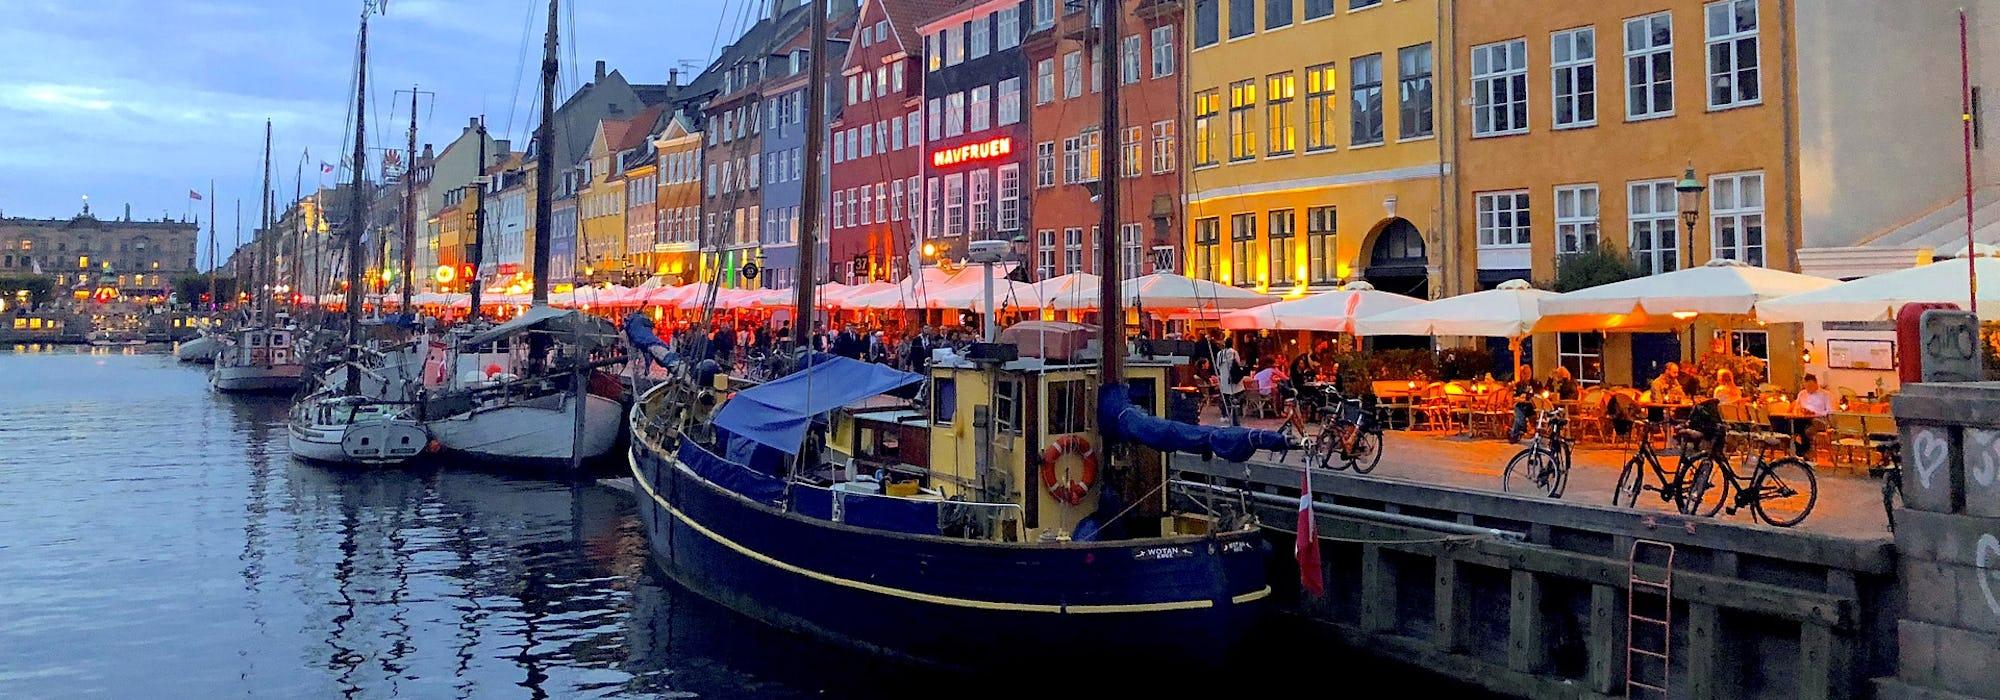 Bild på skepp som ligger vid hamn med färglada hus i bakgrunden.